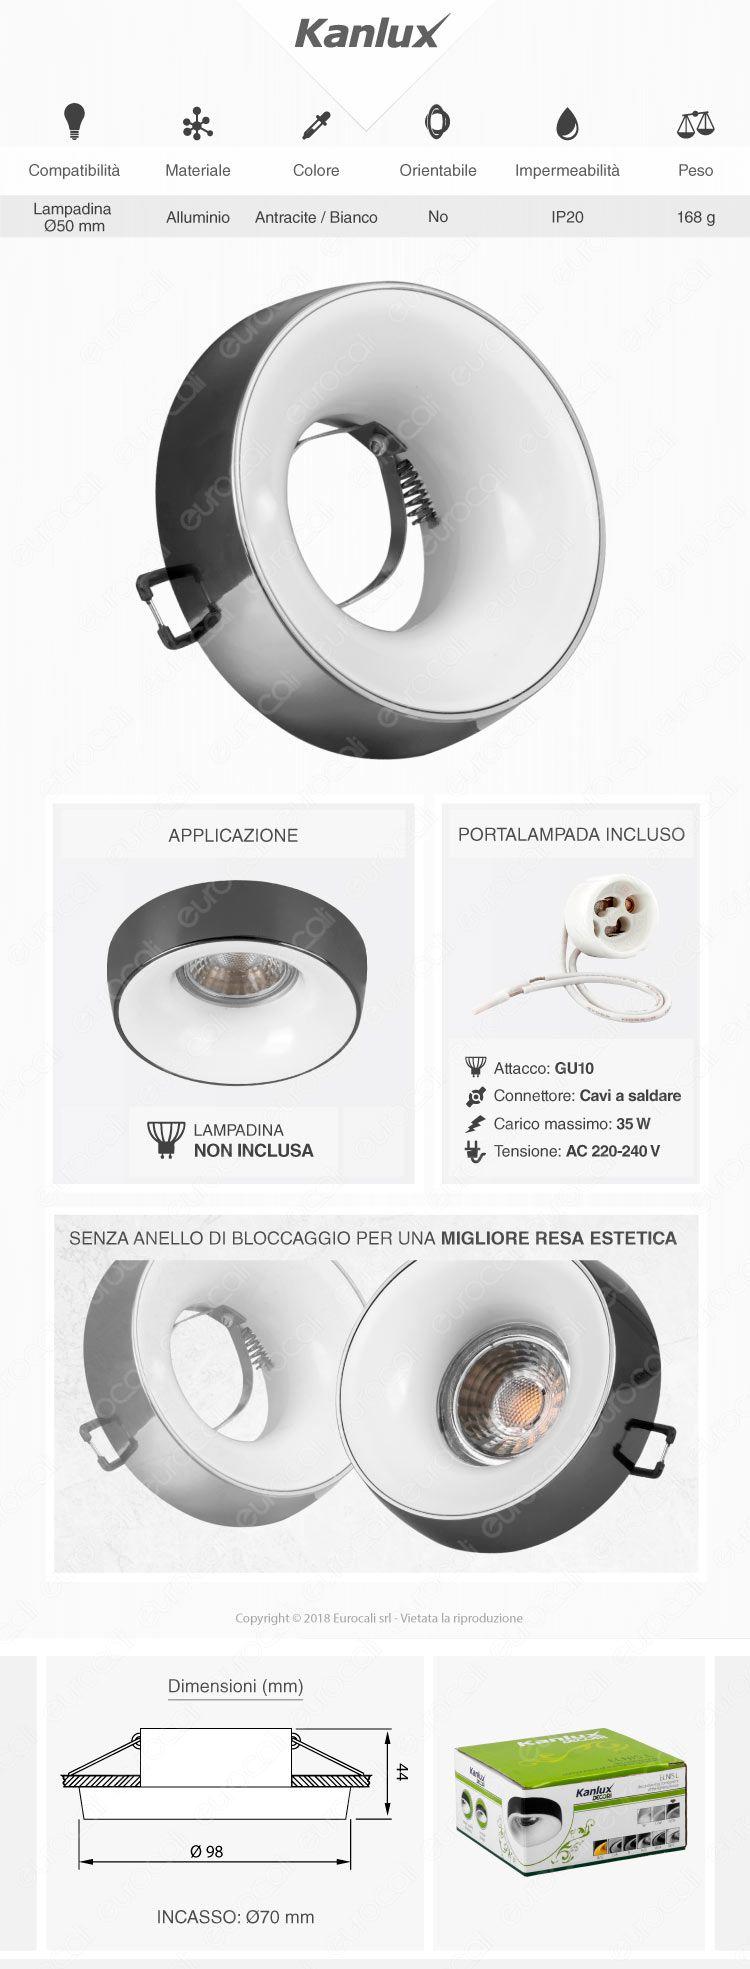 Kanlux ELNIS L Portafaretto Rotondo da Incasso Colore Antracite e Bianco per Lampadine GU10 e GU5.3